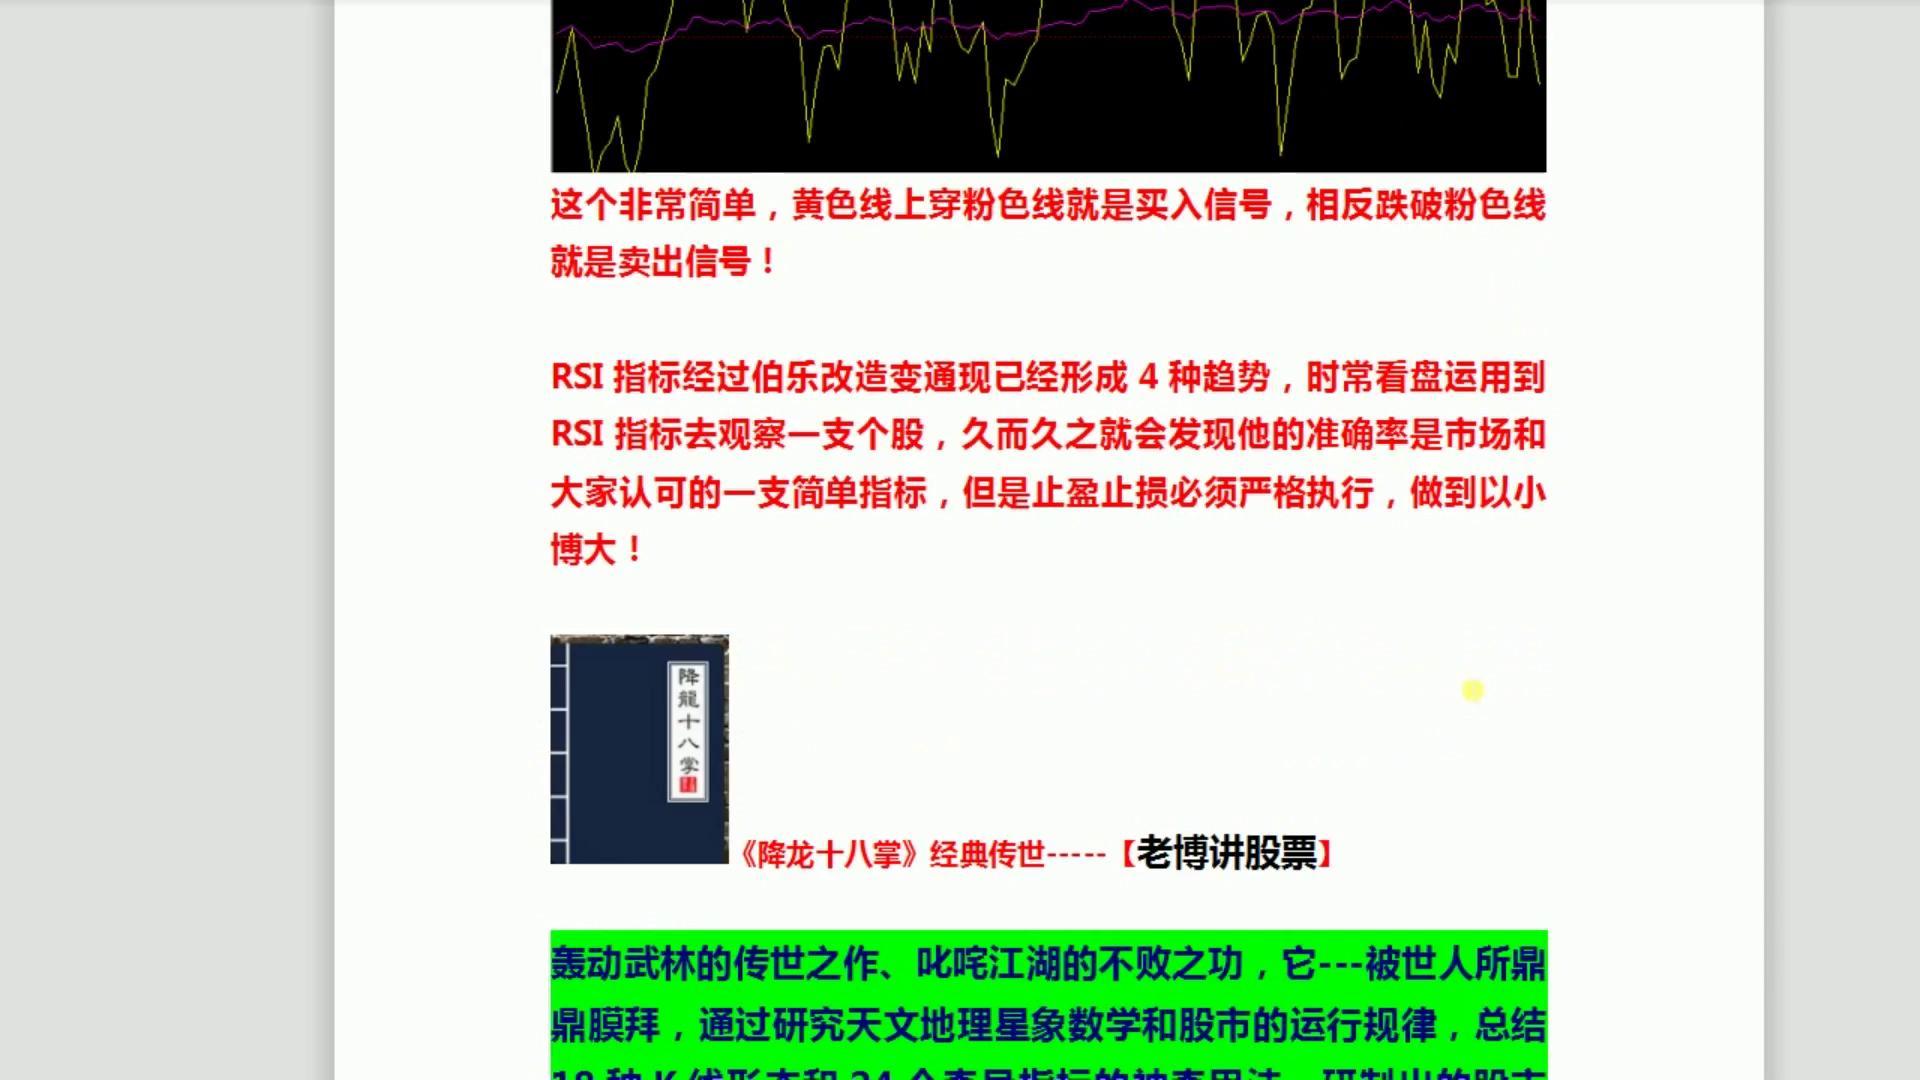 独家怎样看股票k线图怎么学股票基础知识(23)